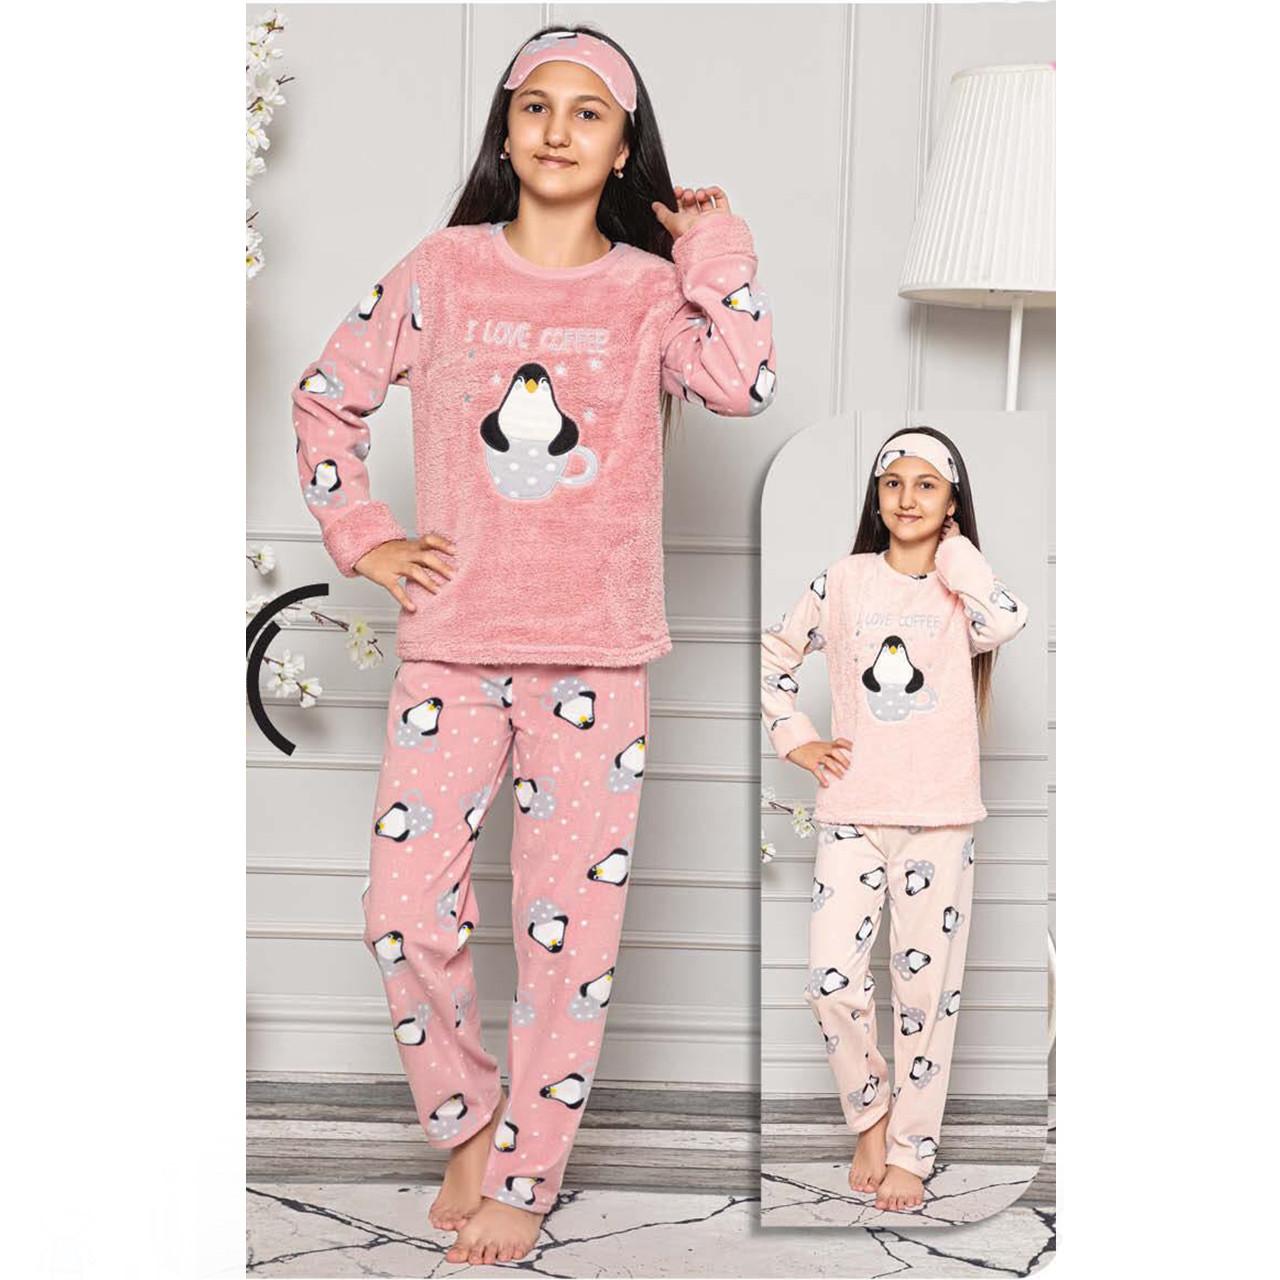 Пижама детская для девочки с повязкой на голову зимняя флисовая Турция 6-14 лет, костюм для дома